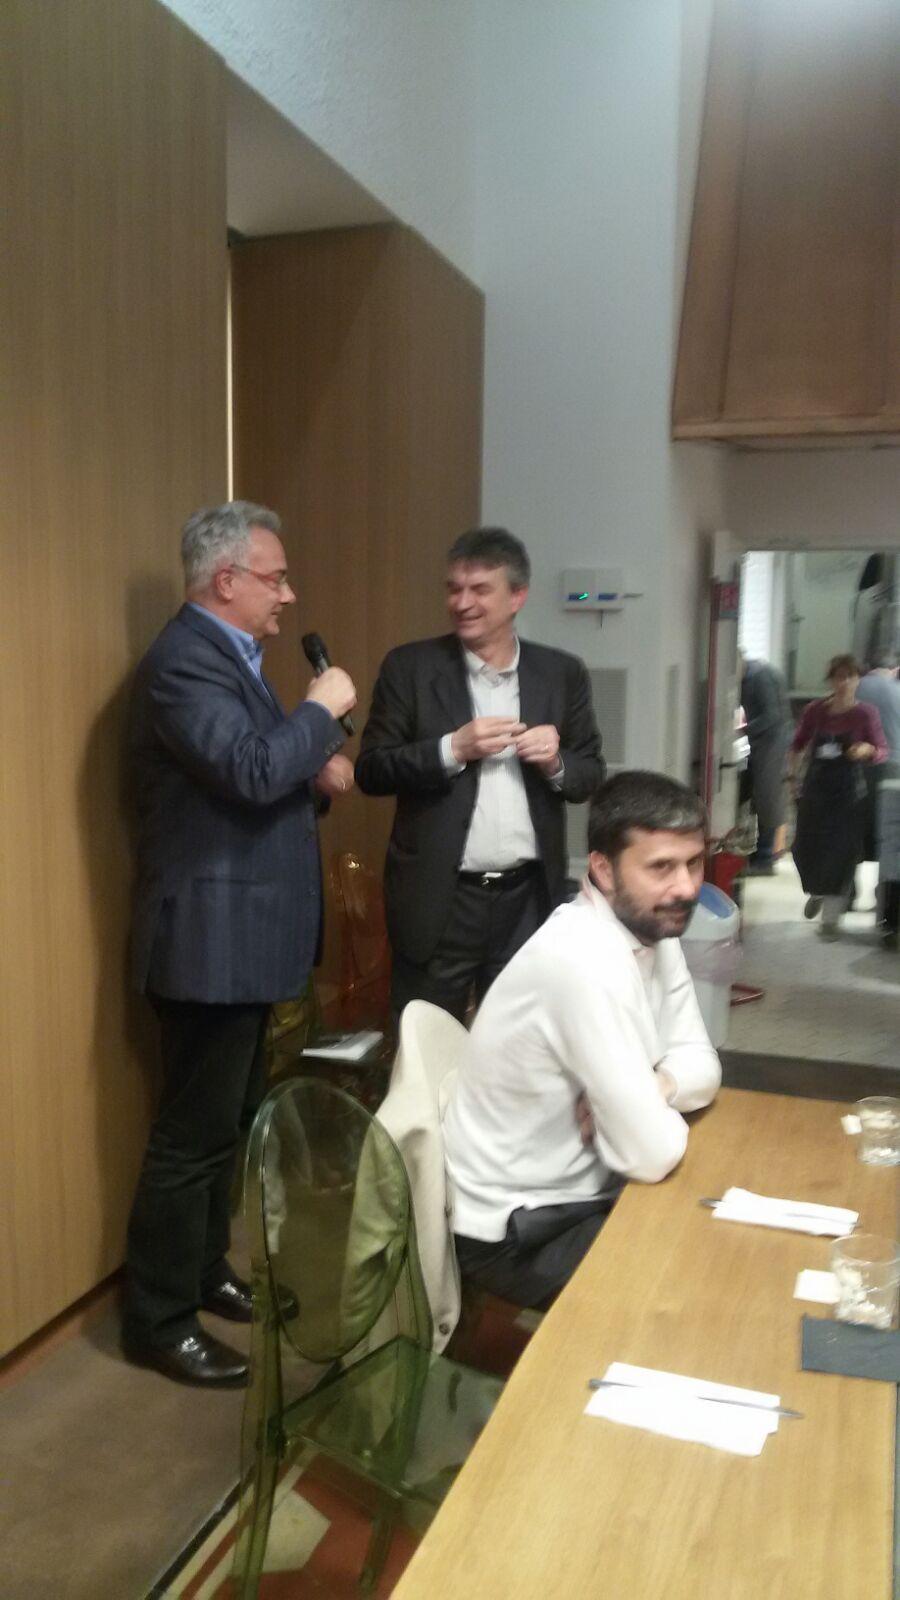 24 aprile, Cena di solidarietà al Refettorio ambrosiano con Fabio Pizzul